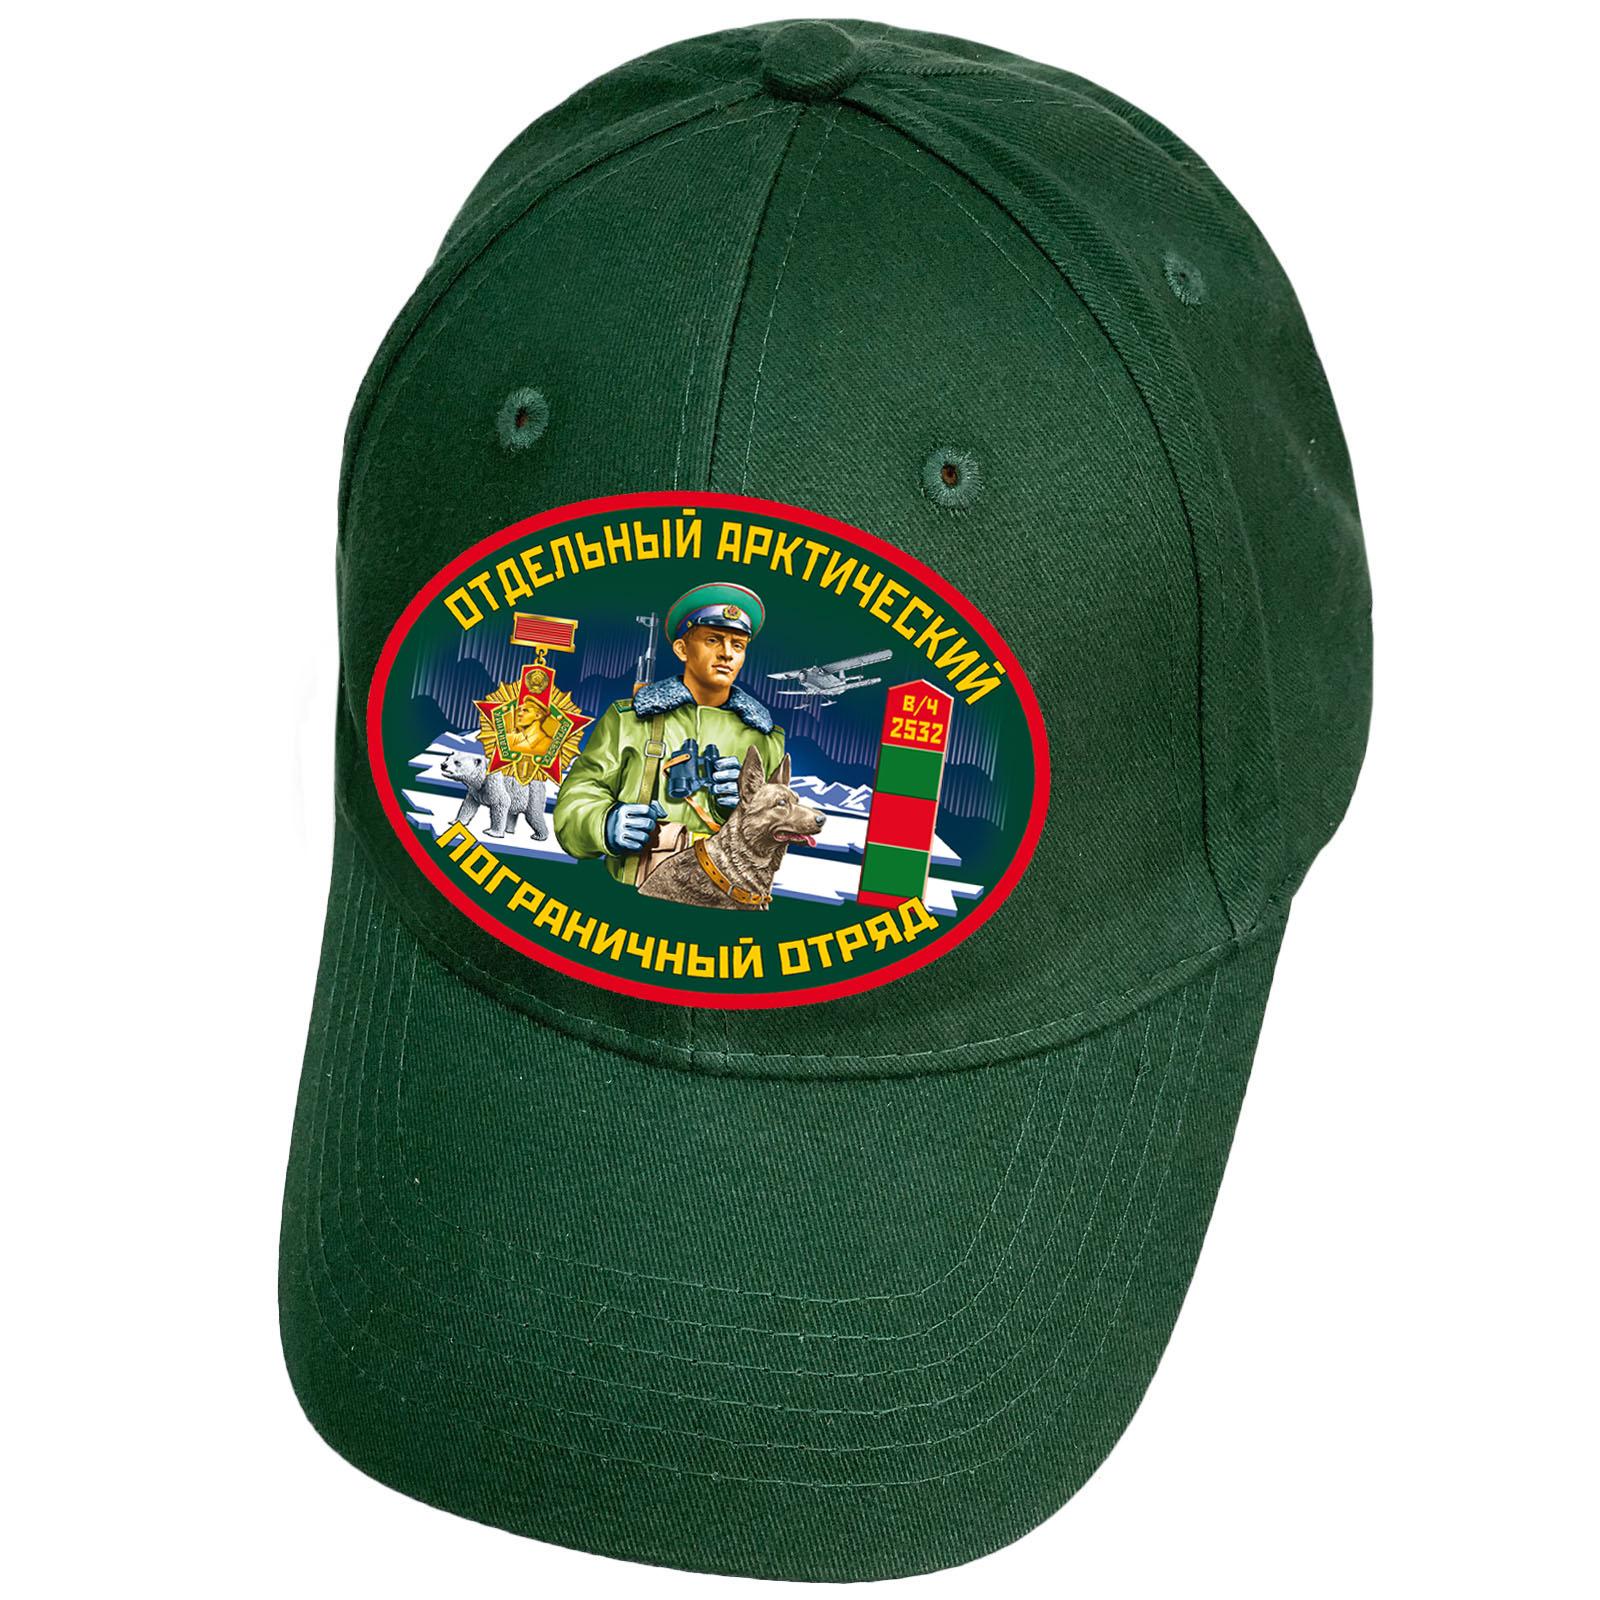 Тёмно-зелёная бейсболка Отдельный Арктический пограничный отряд